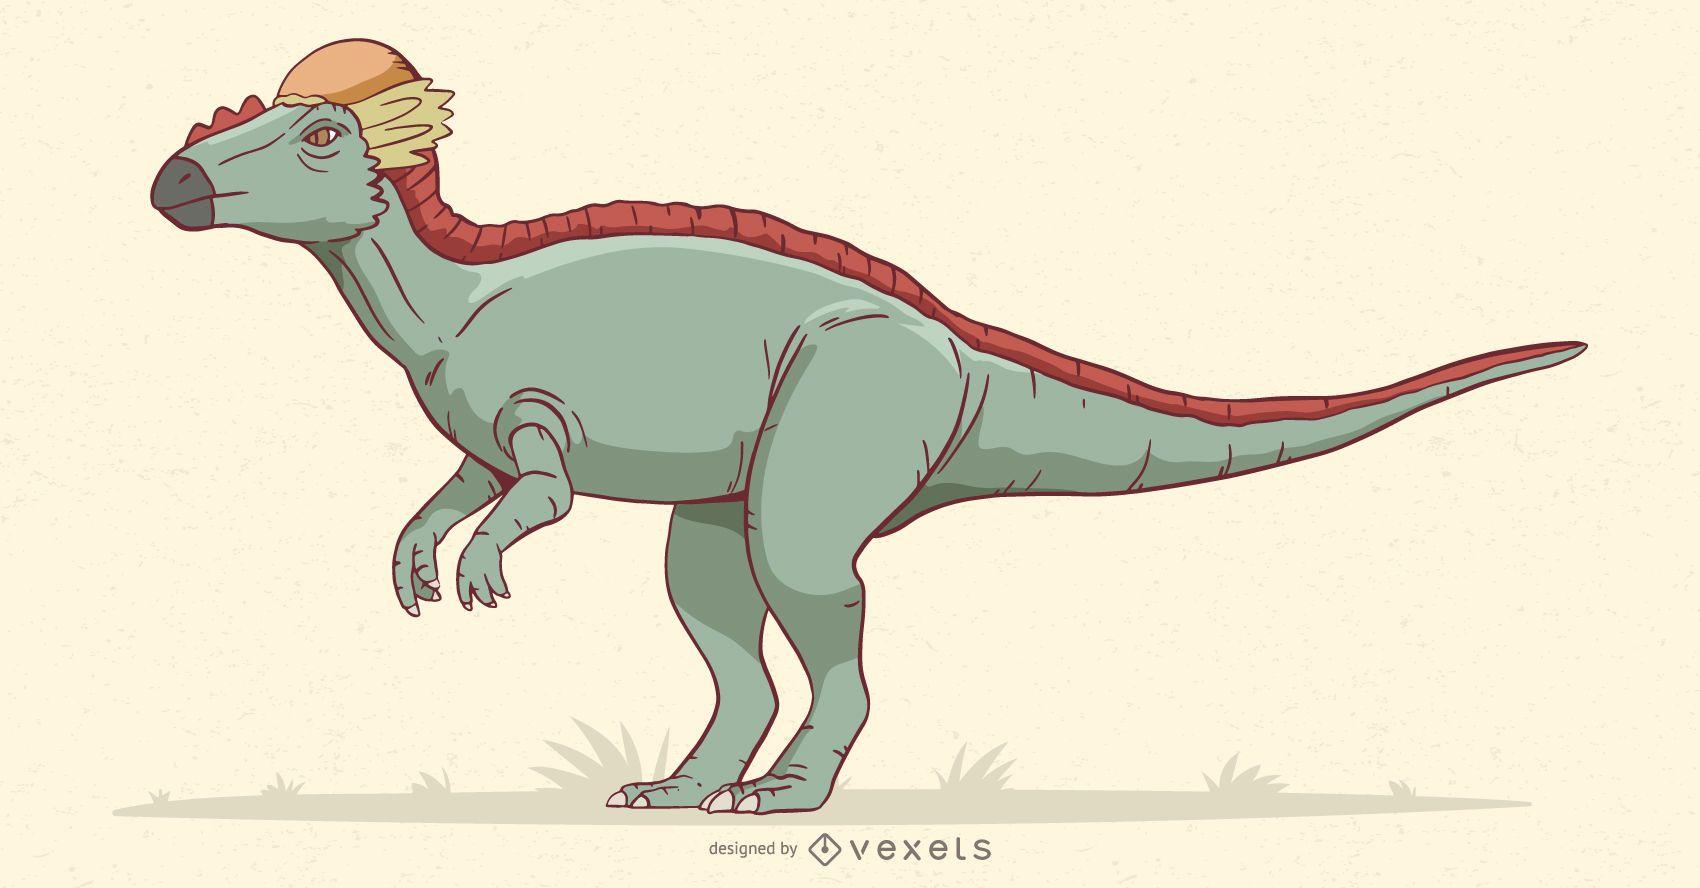 Ilustración de dinosaurio Stegoceras